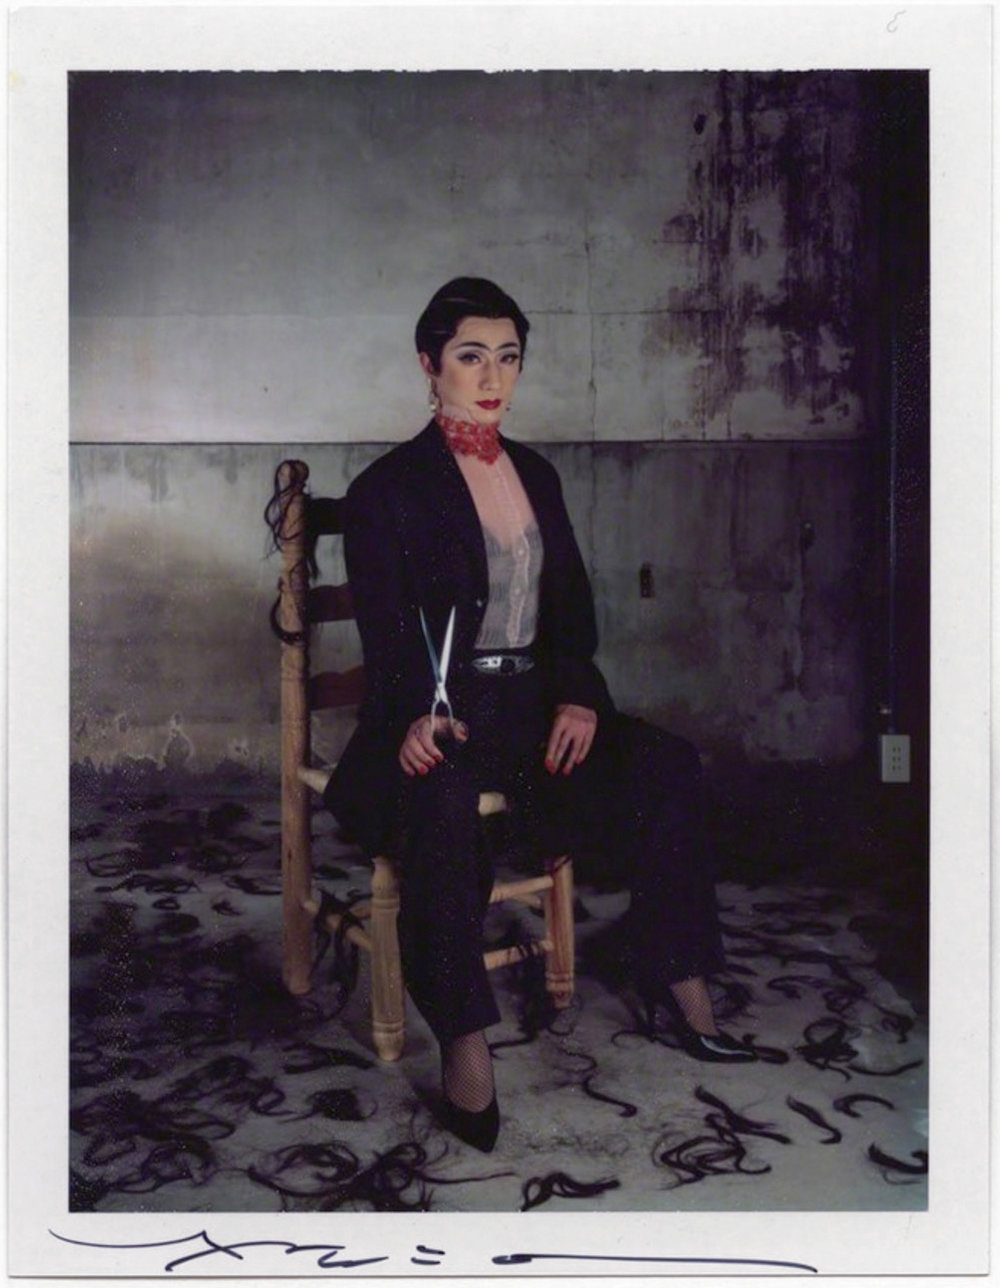 Yasumasa Morimura  For Frida 3 , 2001 4 x 5 inch Polaroid